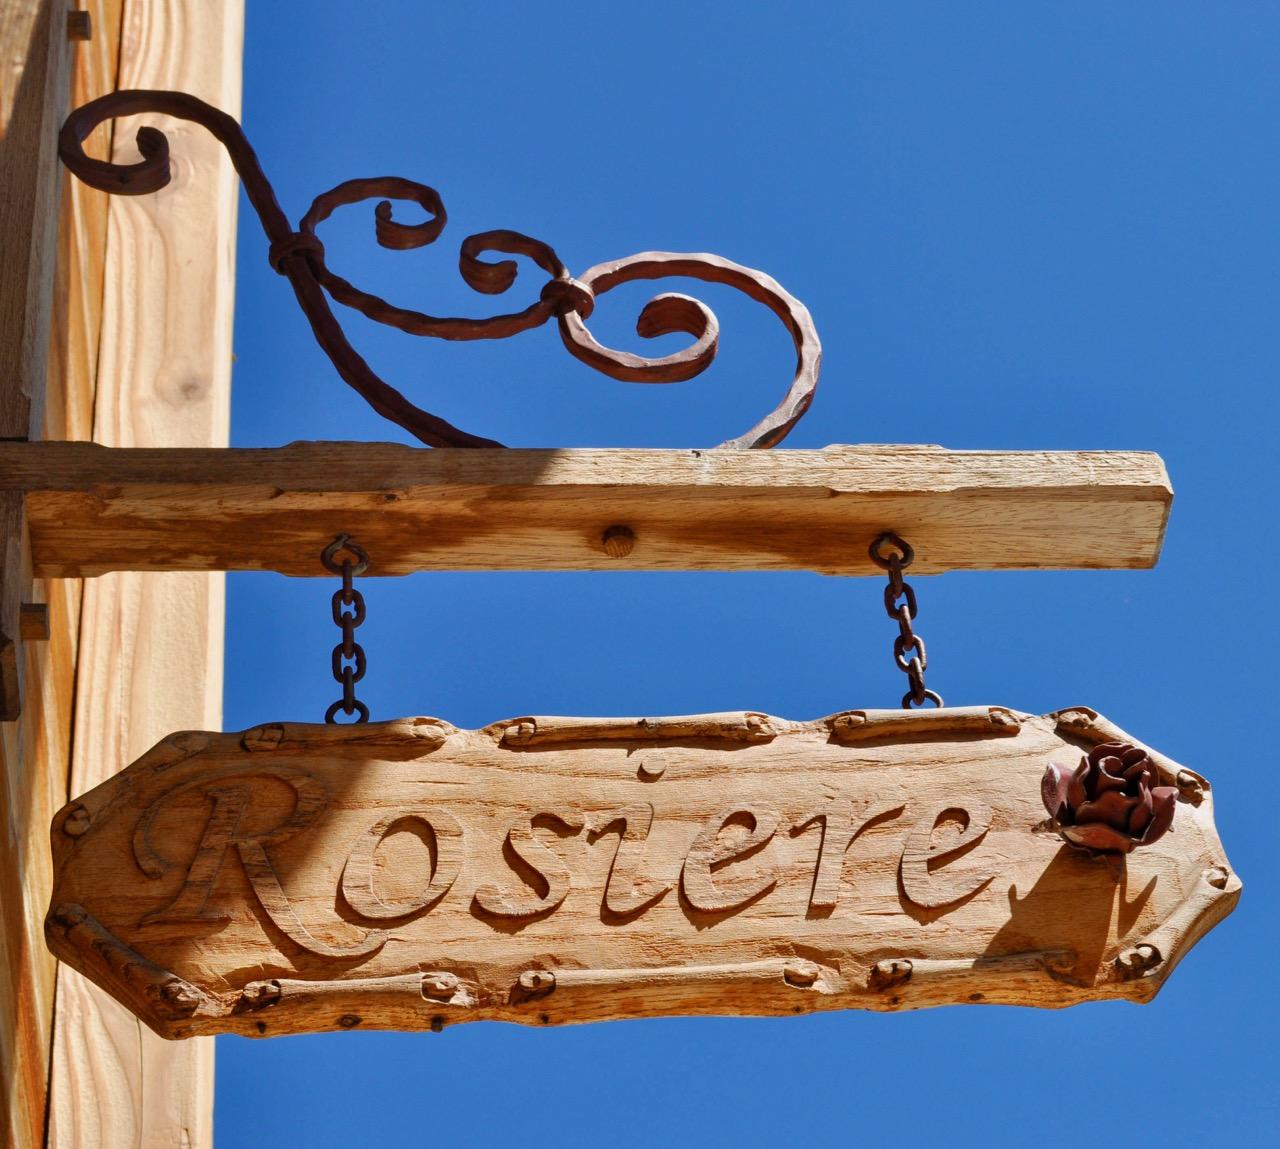 Chalet Rosiere Board